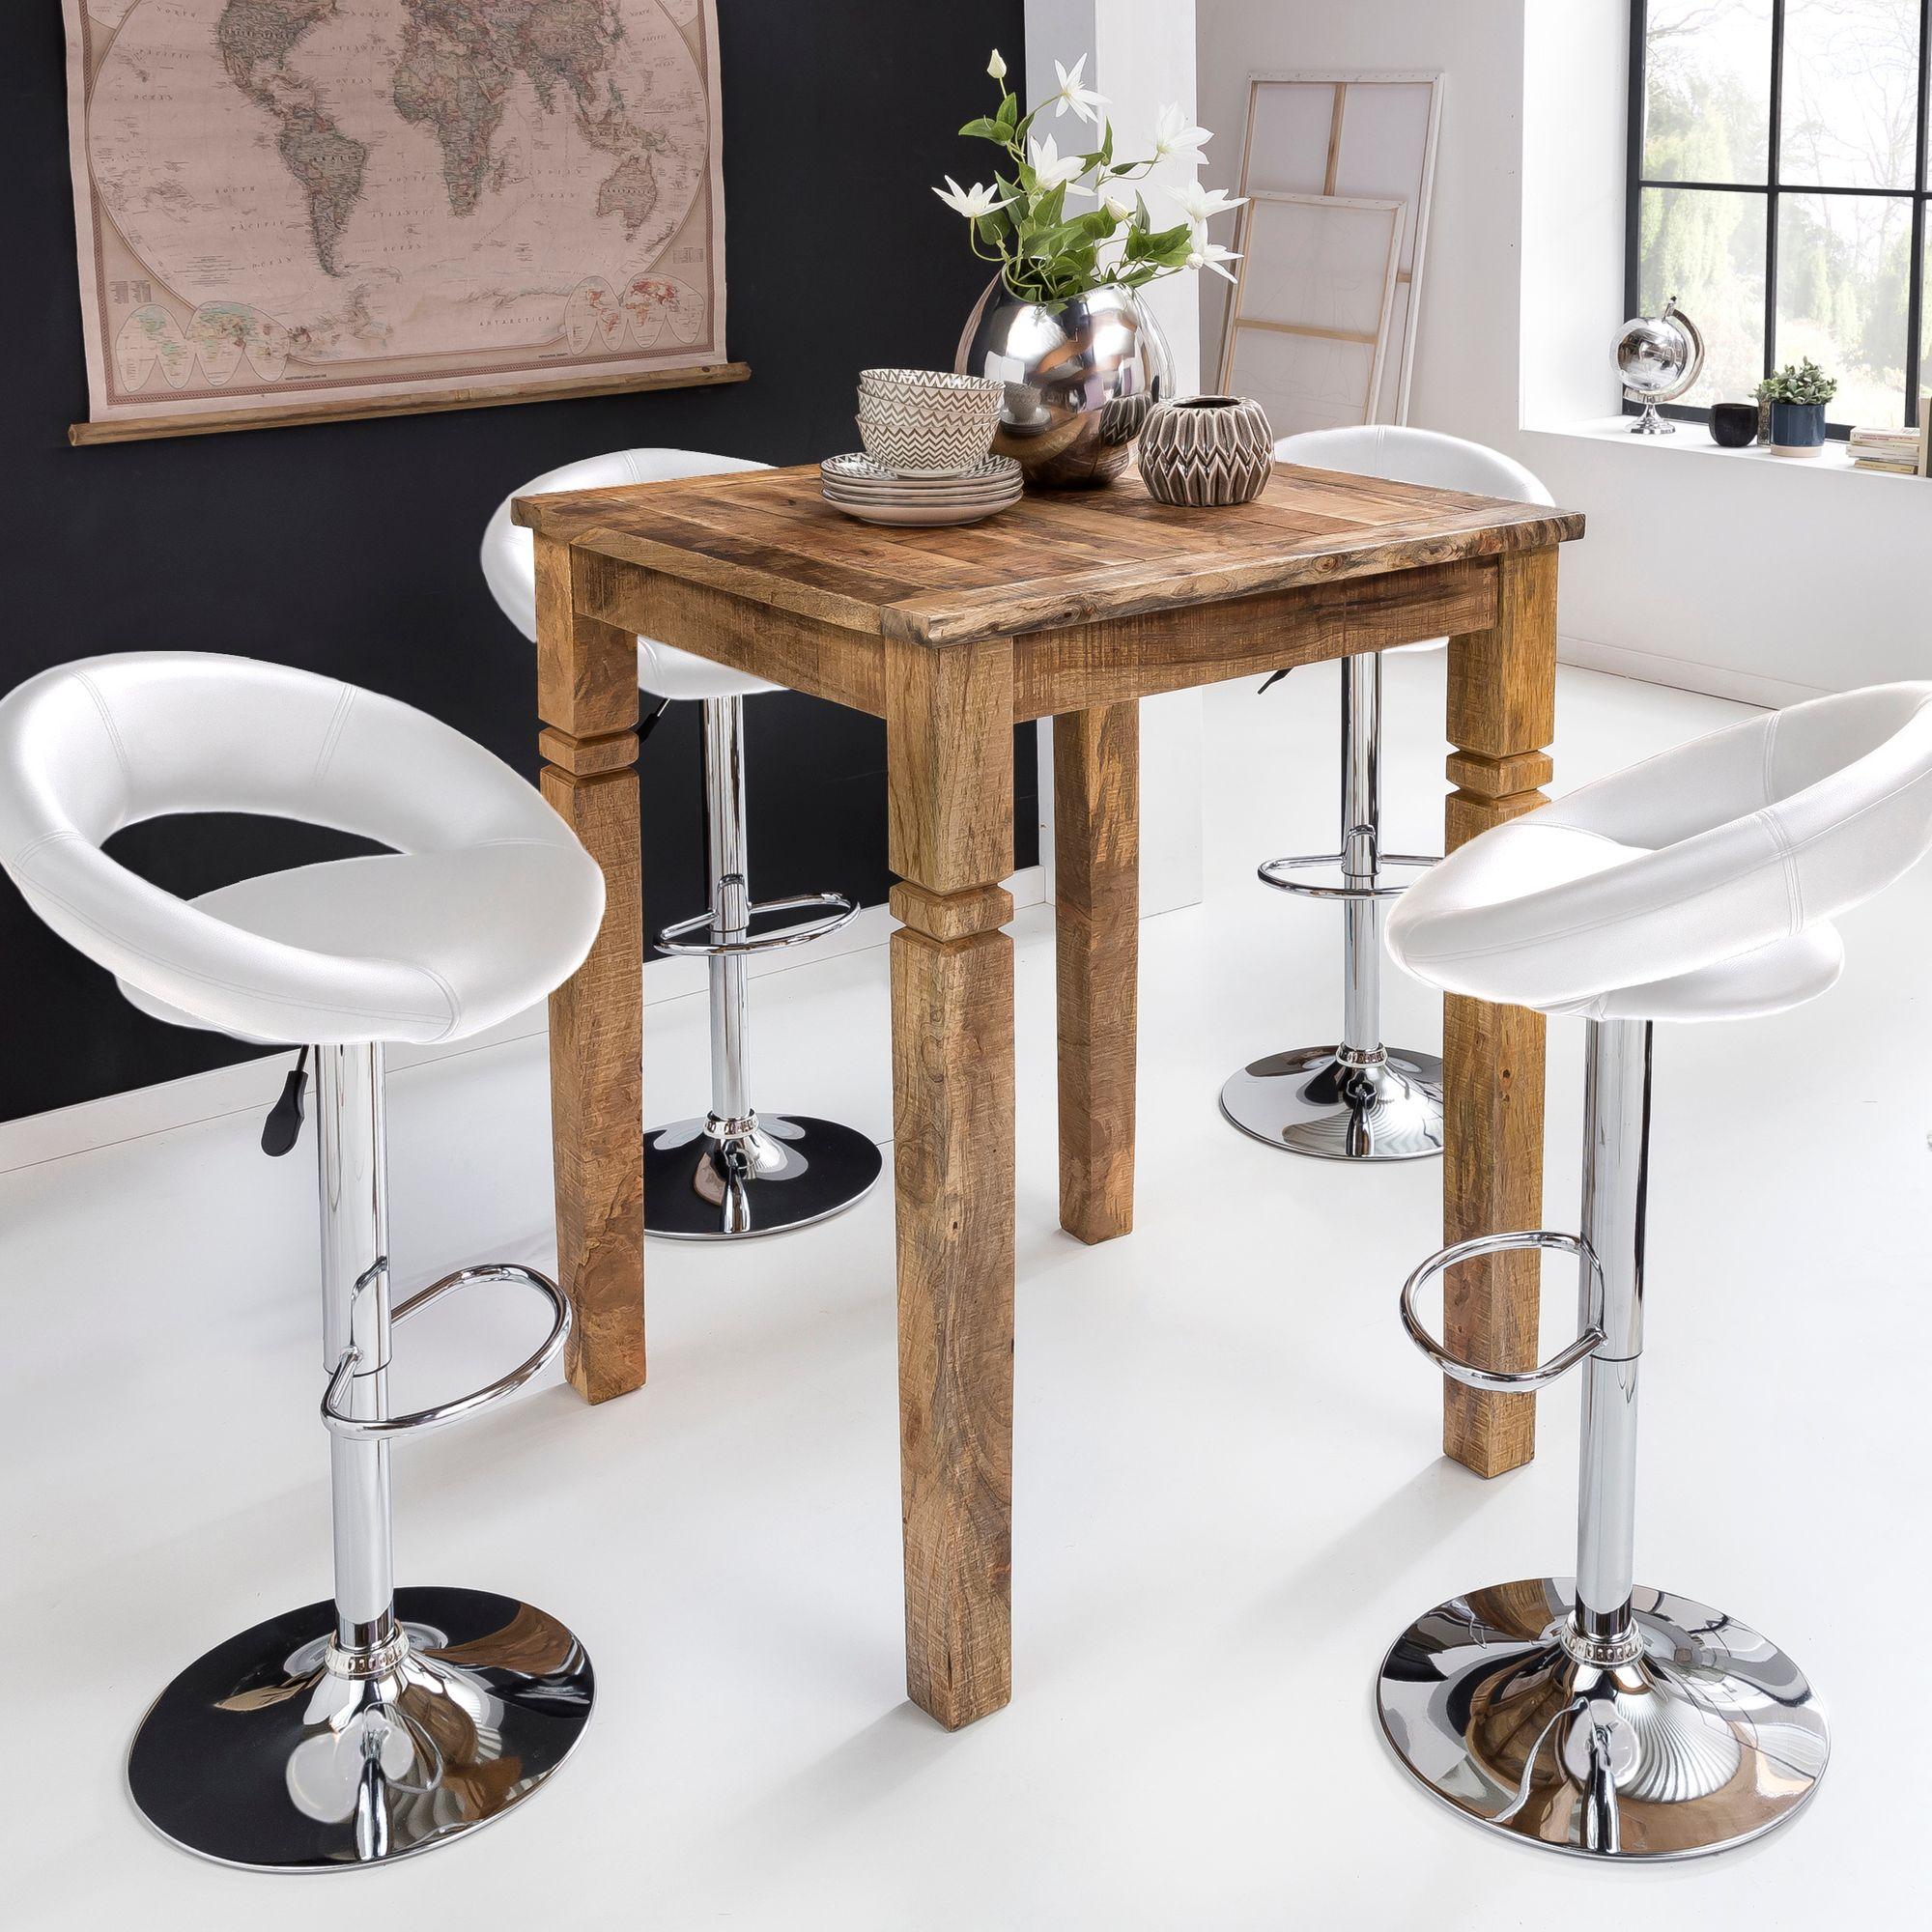 Full Size of Bartisch Dänisches Bettenlager Barhocker Mit Tisch Set Caseconradcom Küche Badezimmer Wohnzimmer Bartisch Dänisches Bettenlager